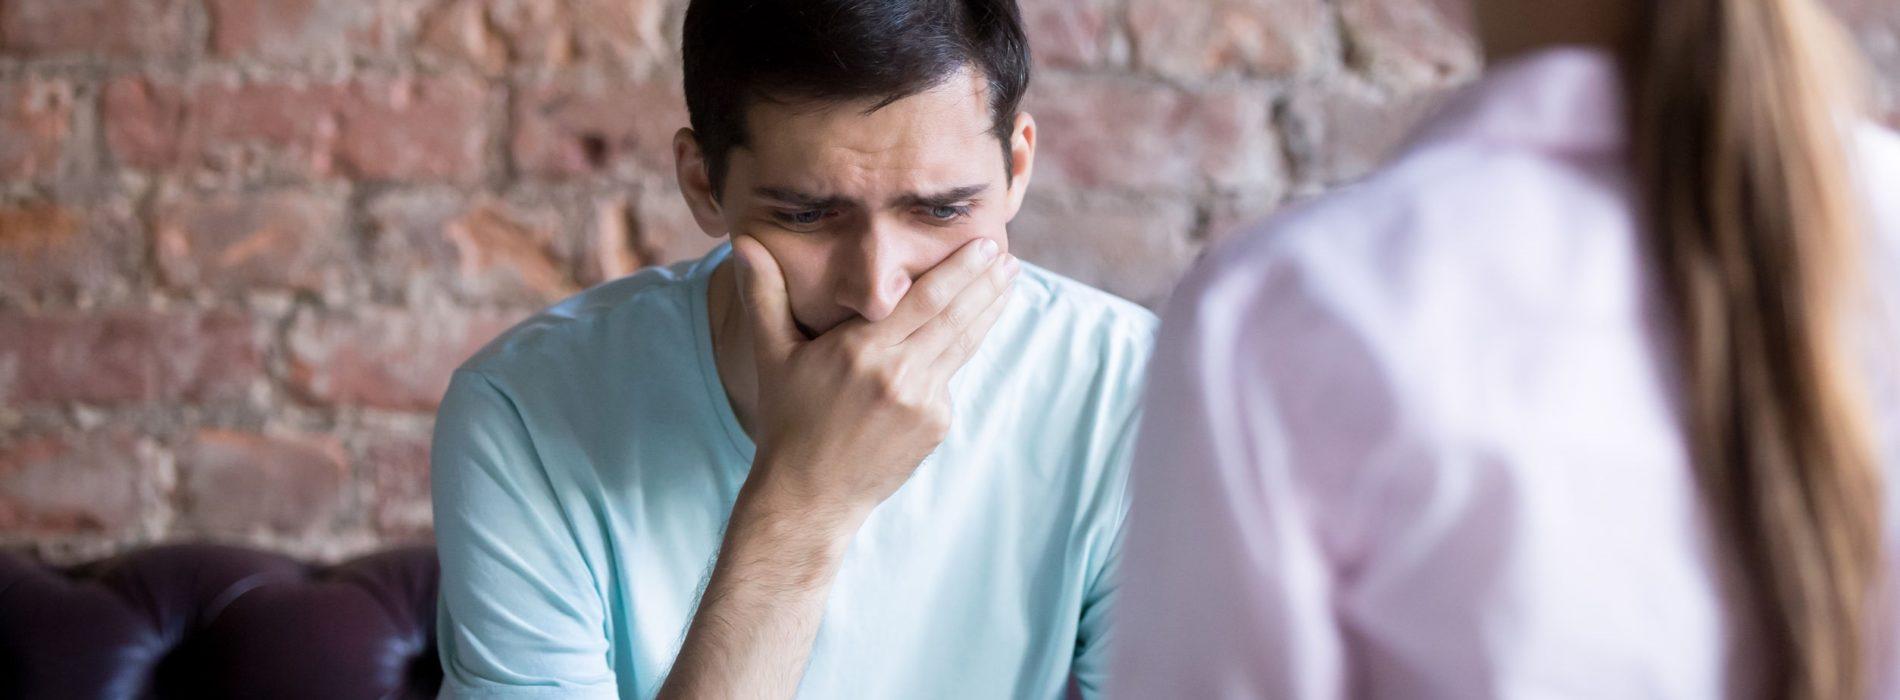 Wszystko o nerwicy neurastenicznej – Przyczyny, objawy i leczenie